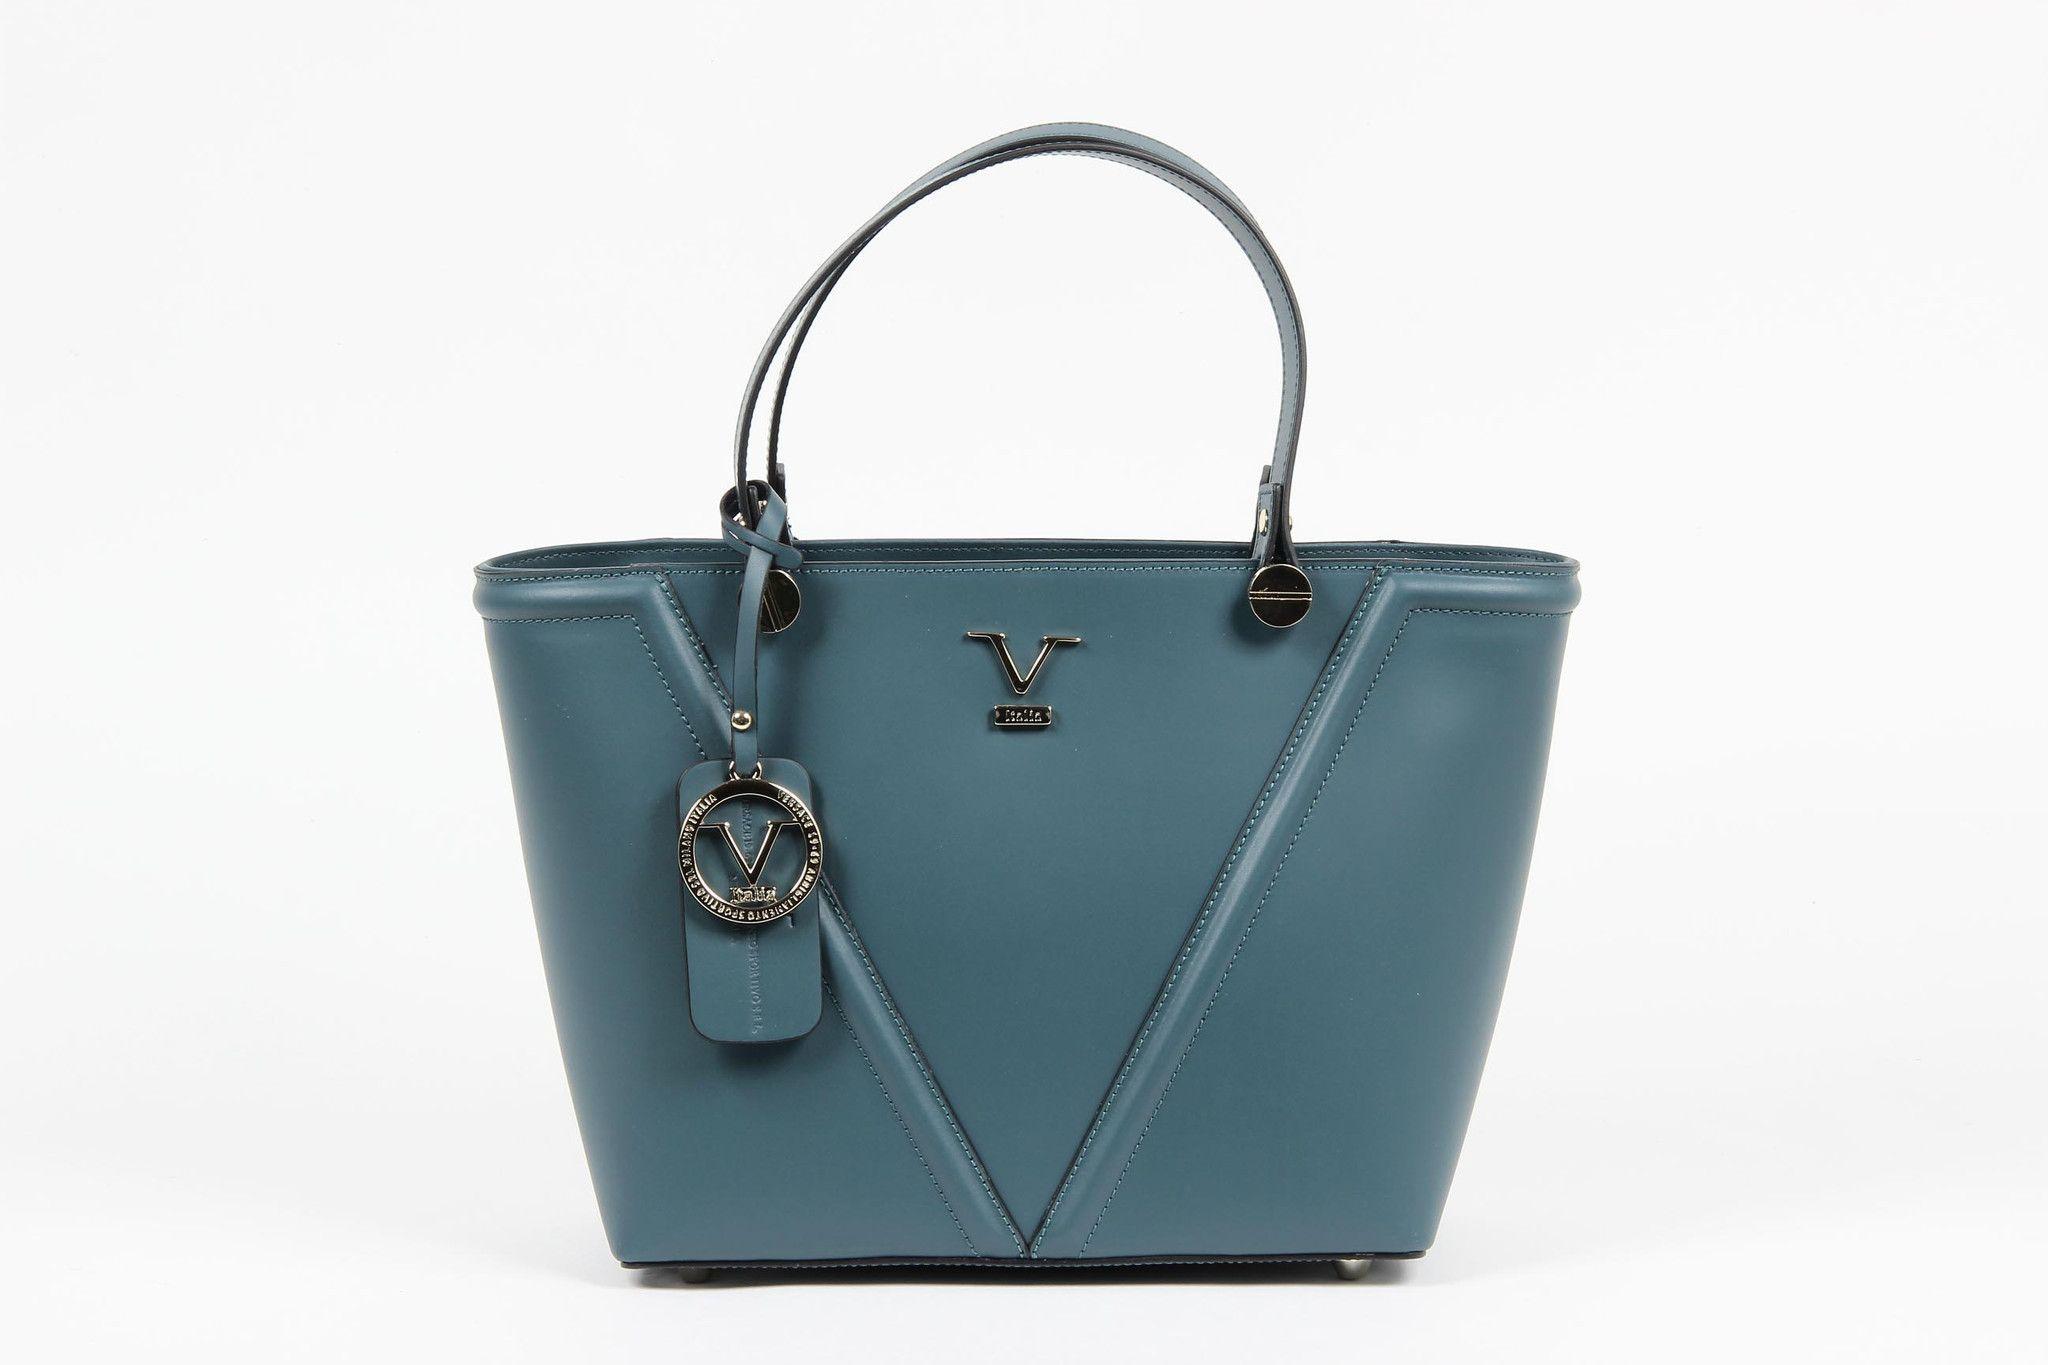 569ca2a1fa VERSACE 1969 V ITALIA Leather Tote Bag